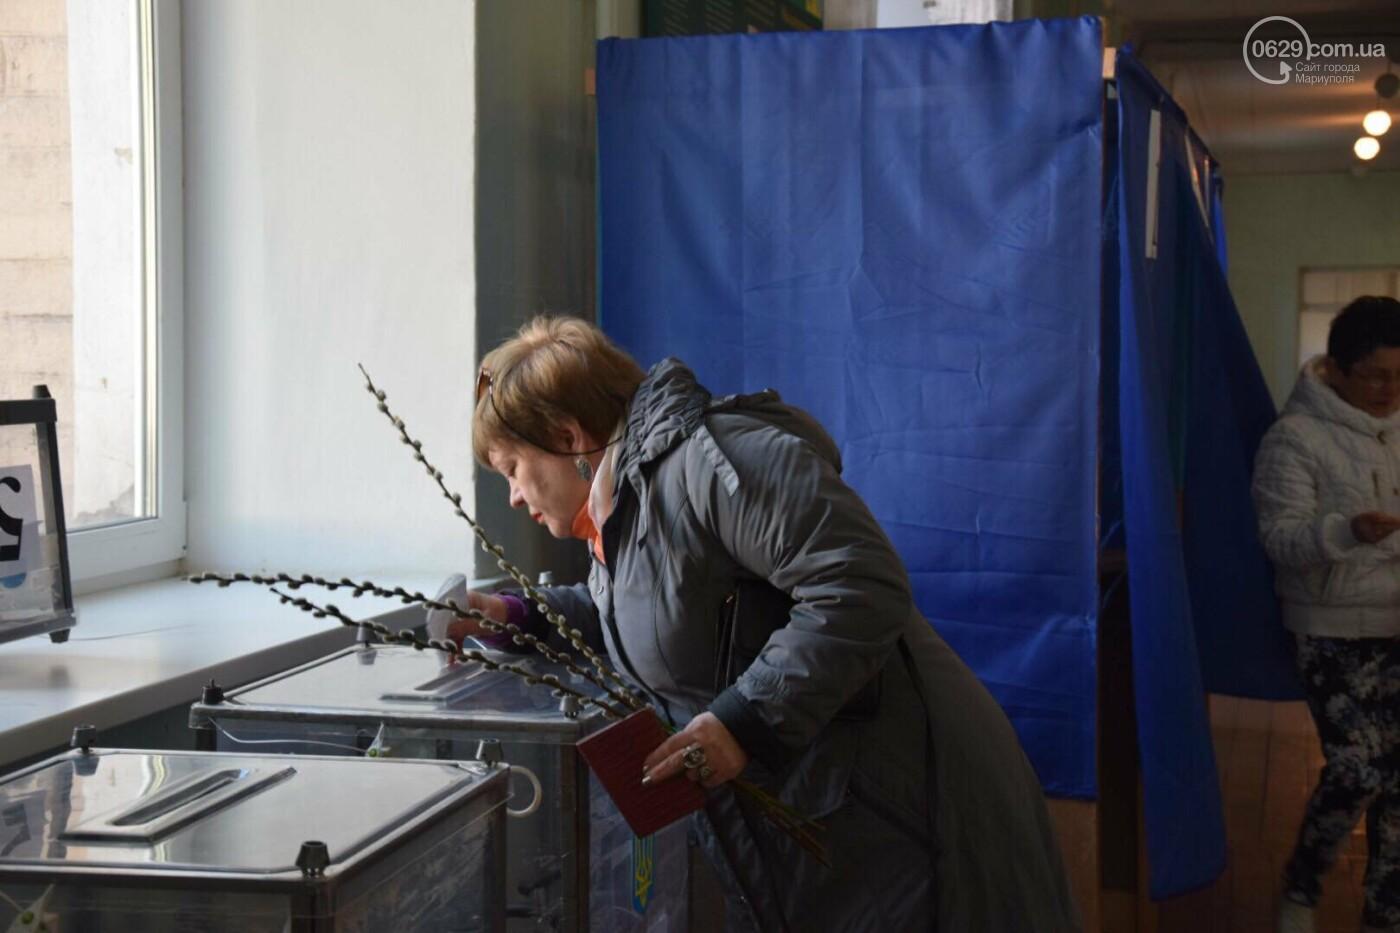 Выборы и верба: как Мариуполь празднует православный праздник, - ФОТОРЕПОРТАЖ, фото-46